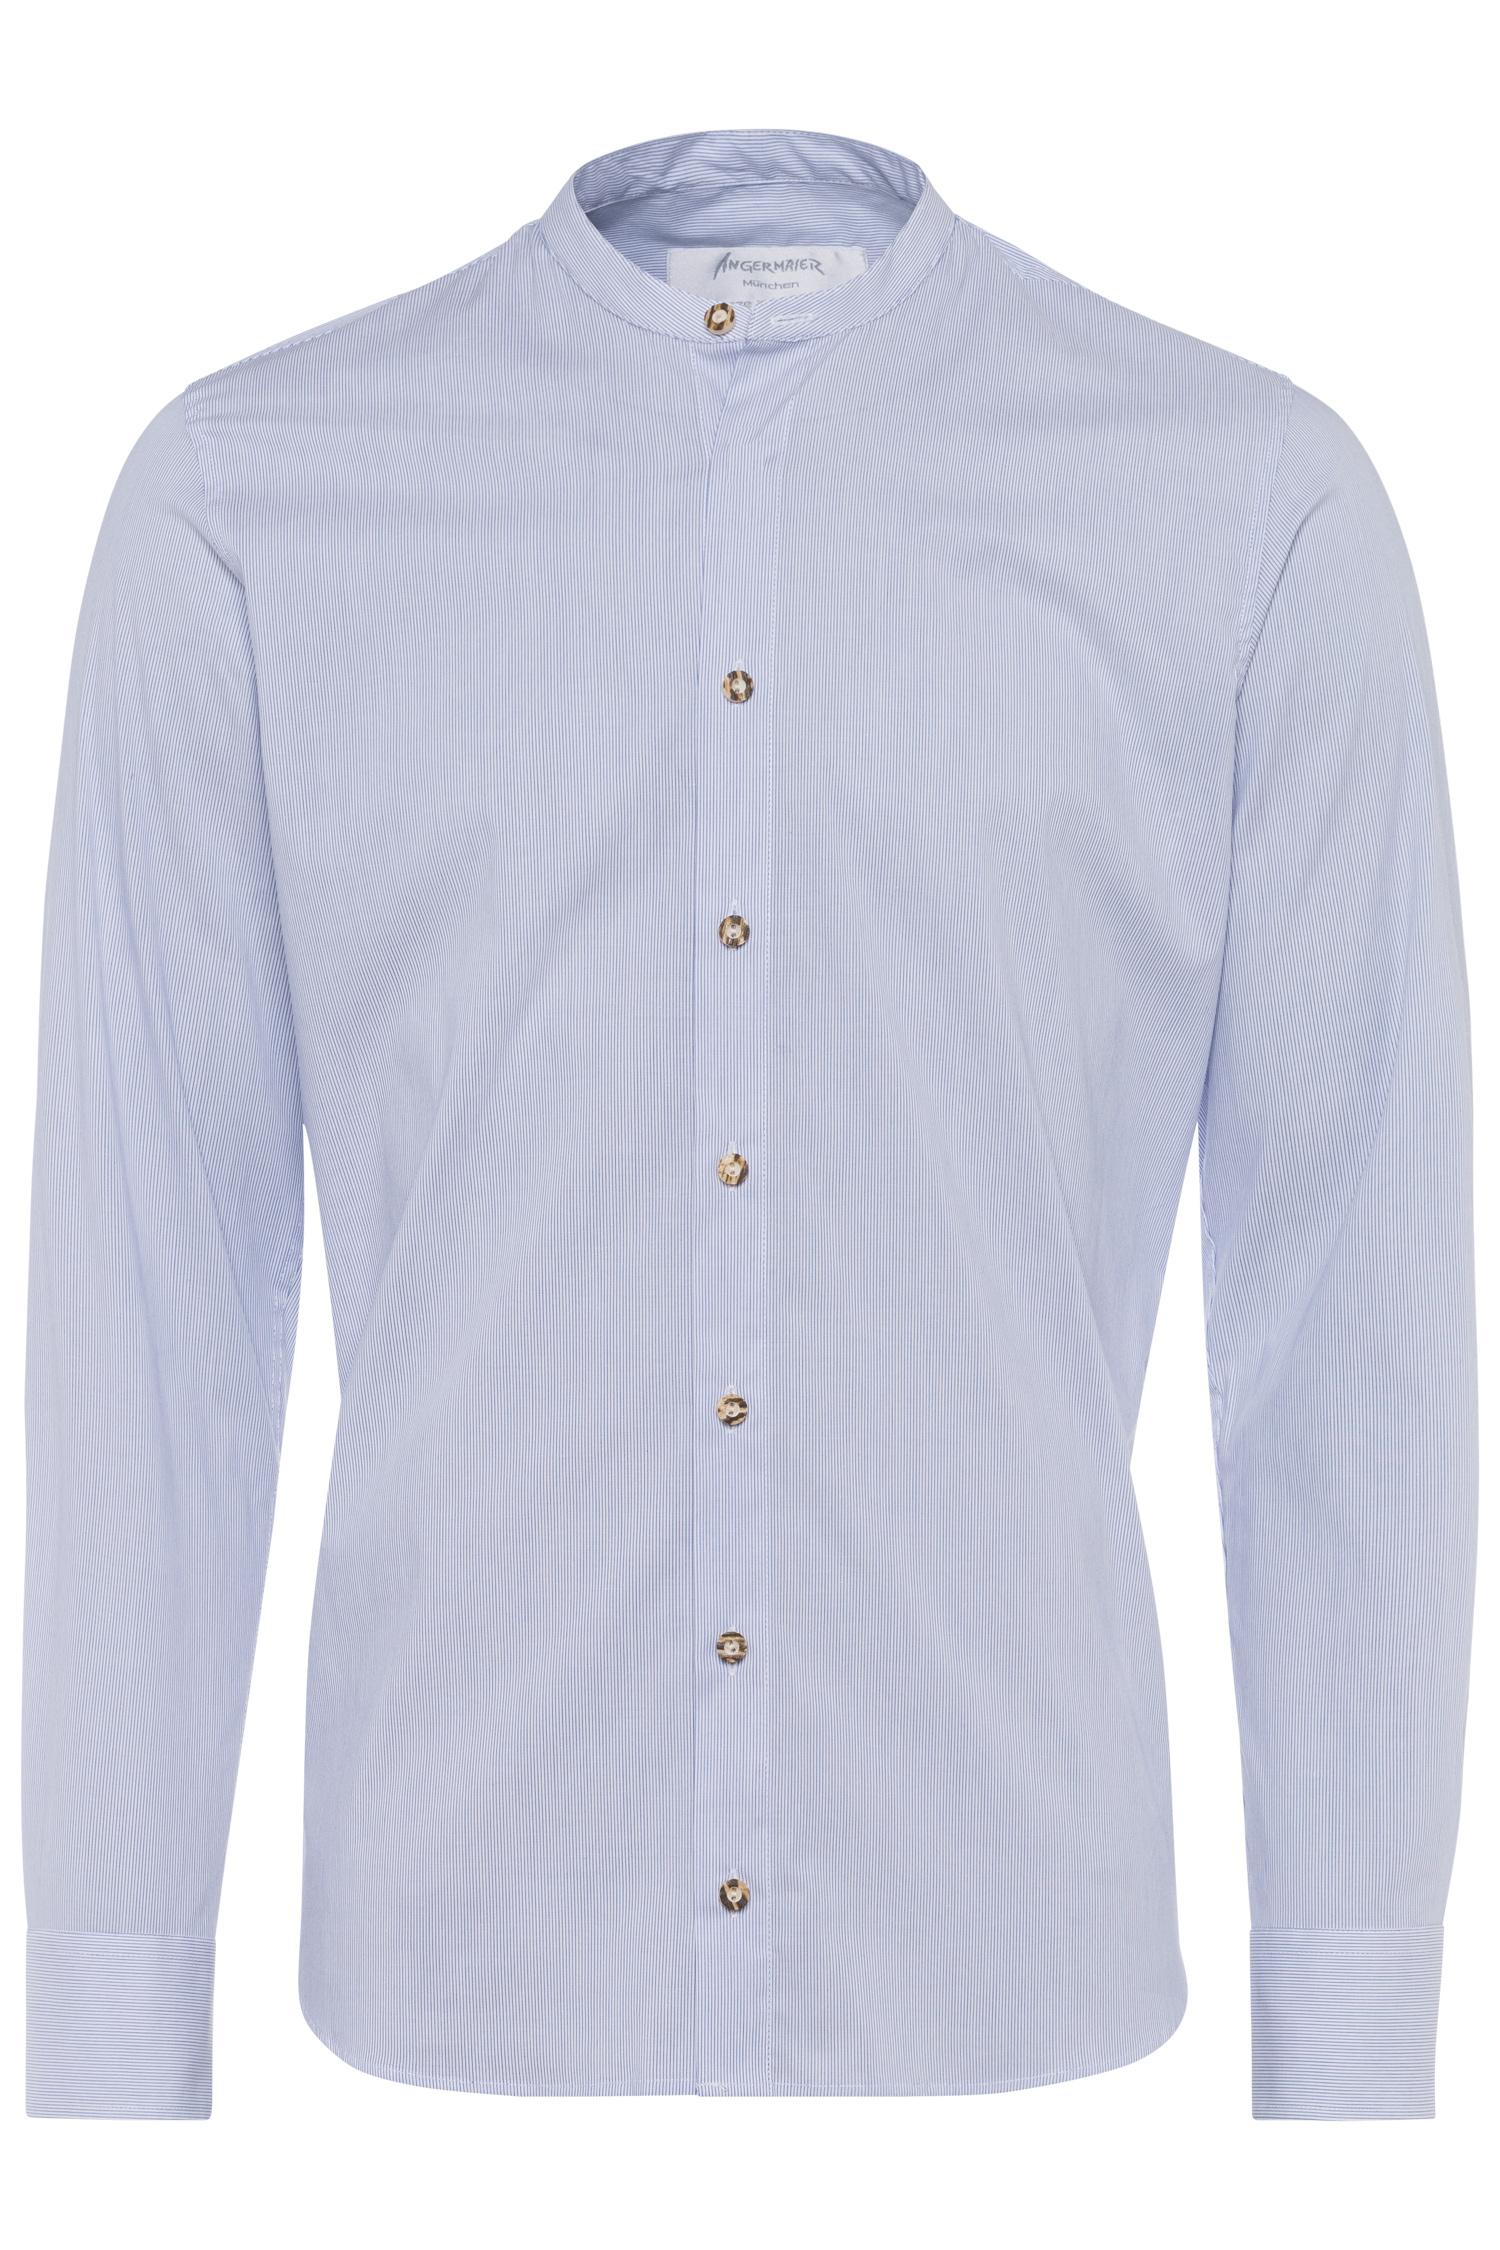 Kragenloses Hemd mit feinen Streifen XXL | blau 1611